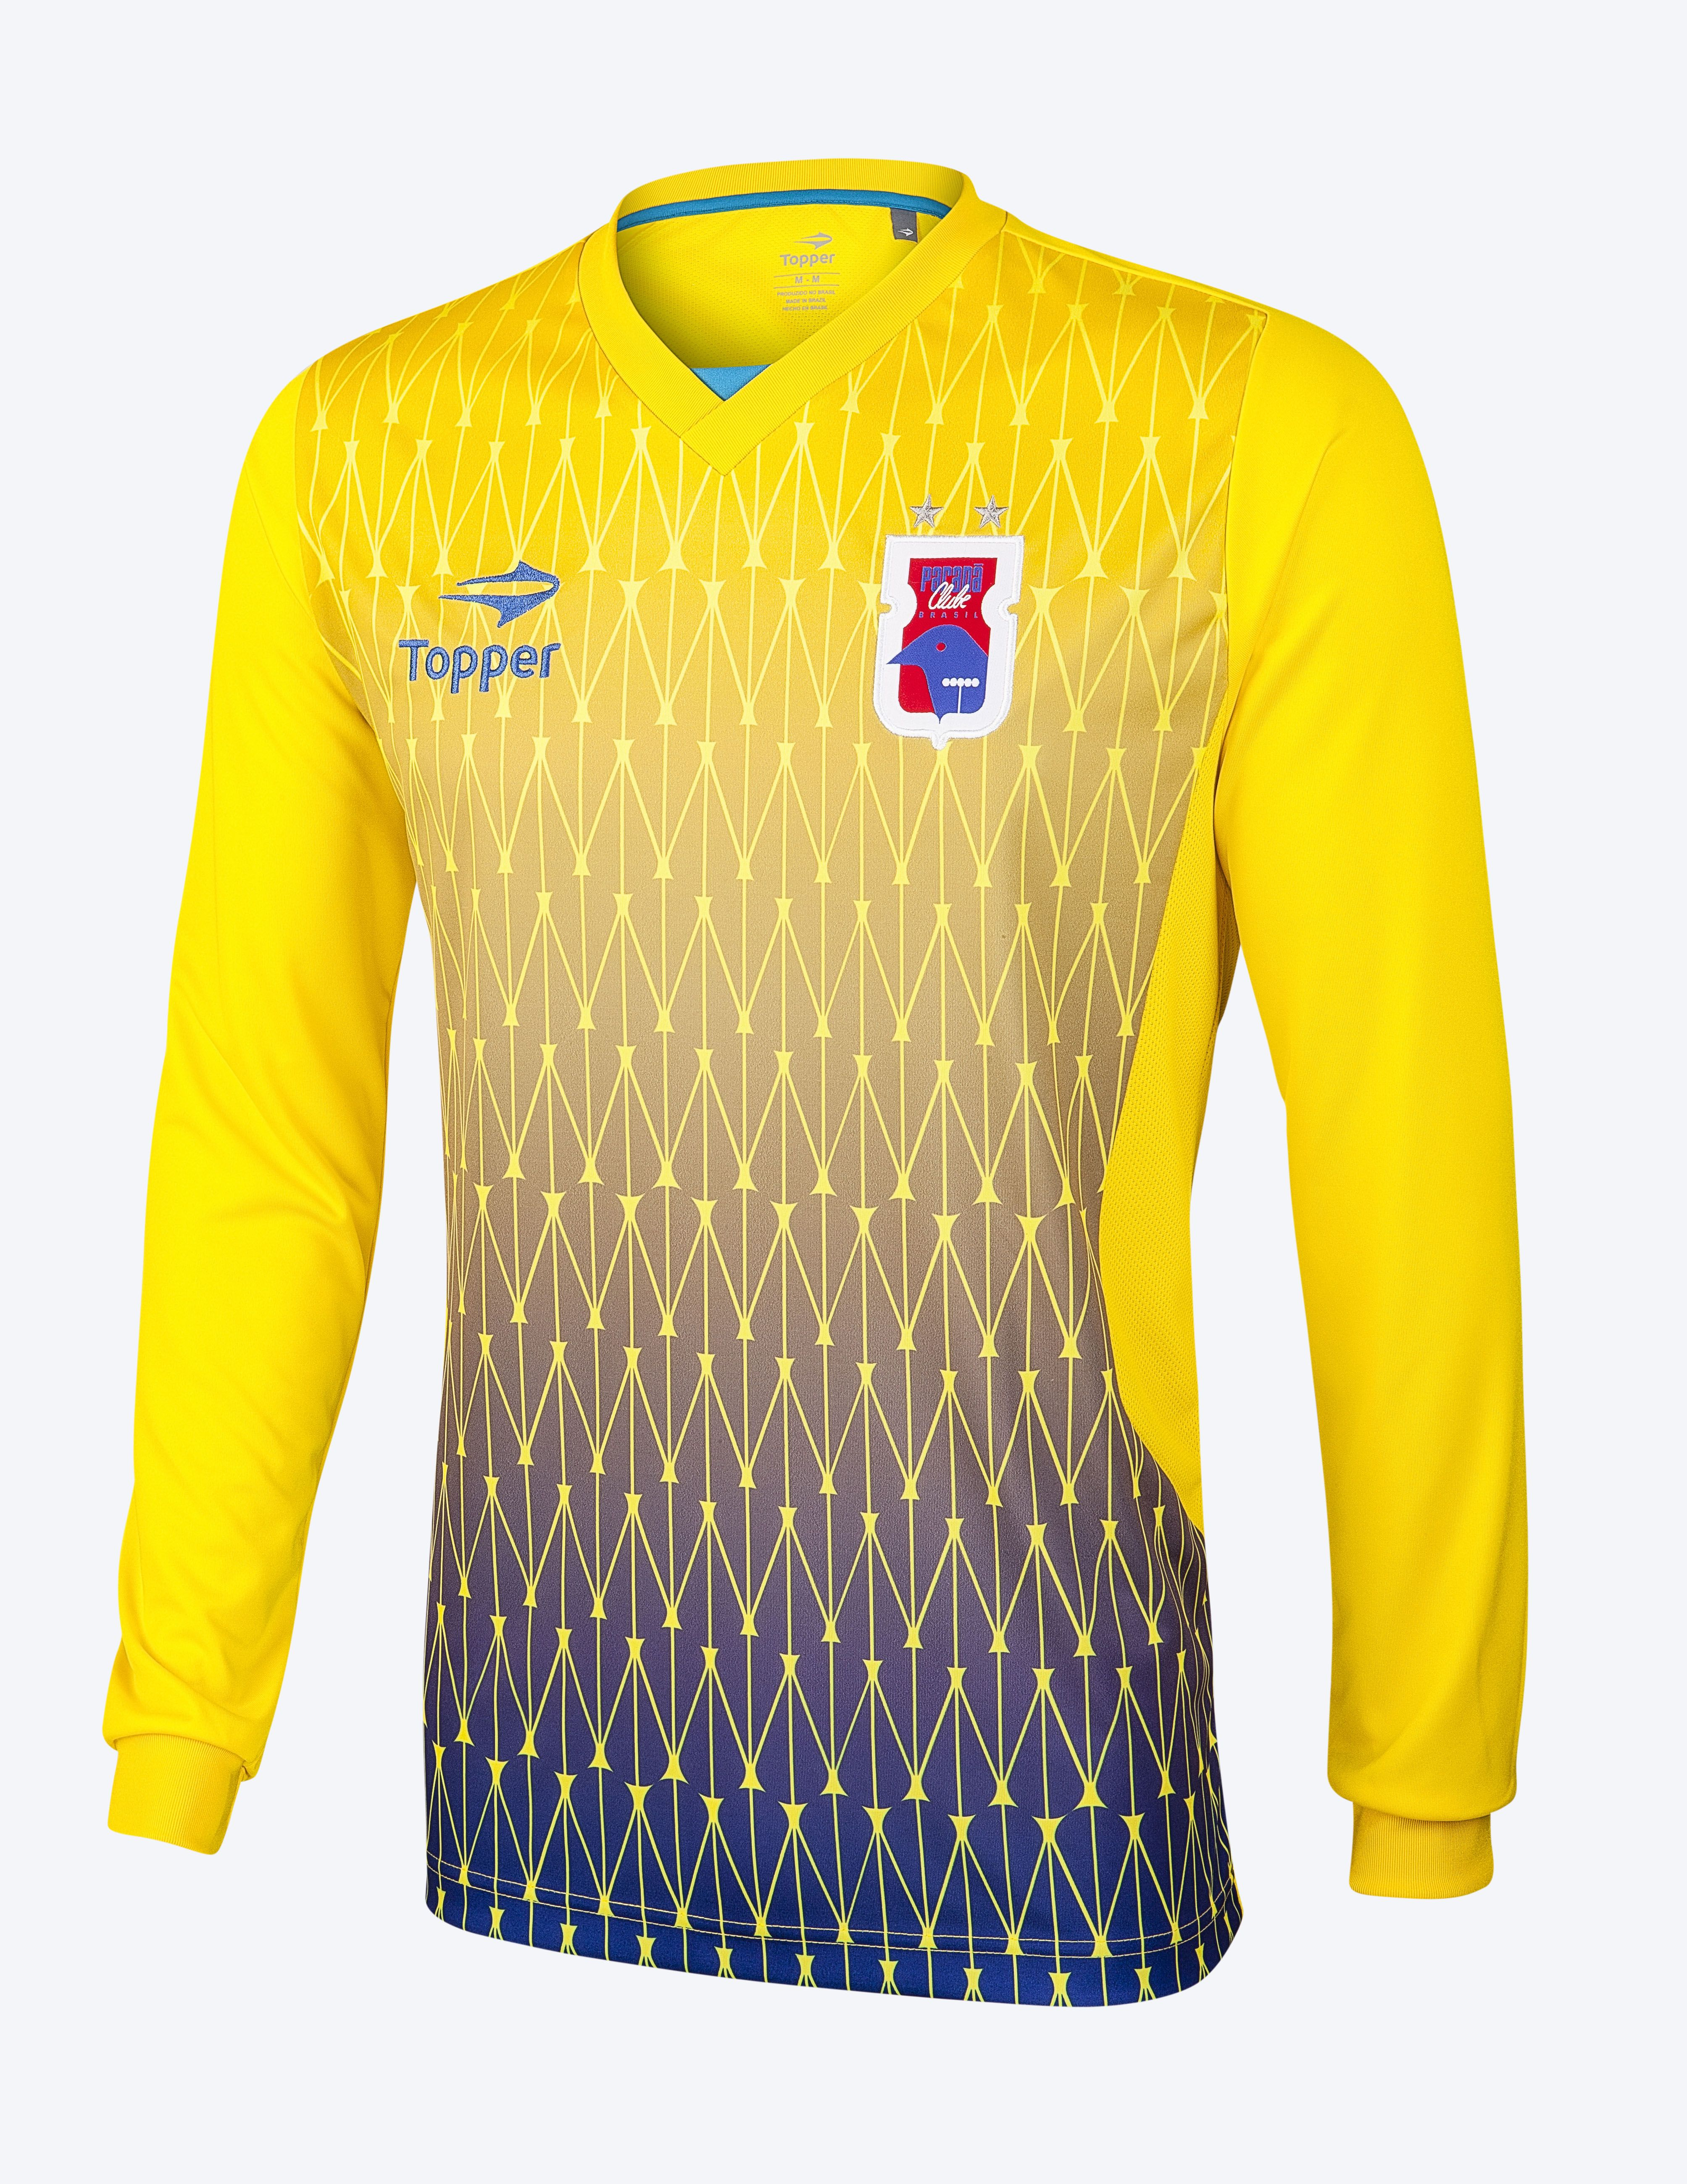 """e5eb794293 Já a camisa de treino de goleiro tem como cor predominante a amarela com  degradê em tons de azul. Também possui gola em """"V""""."""